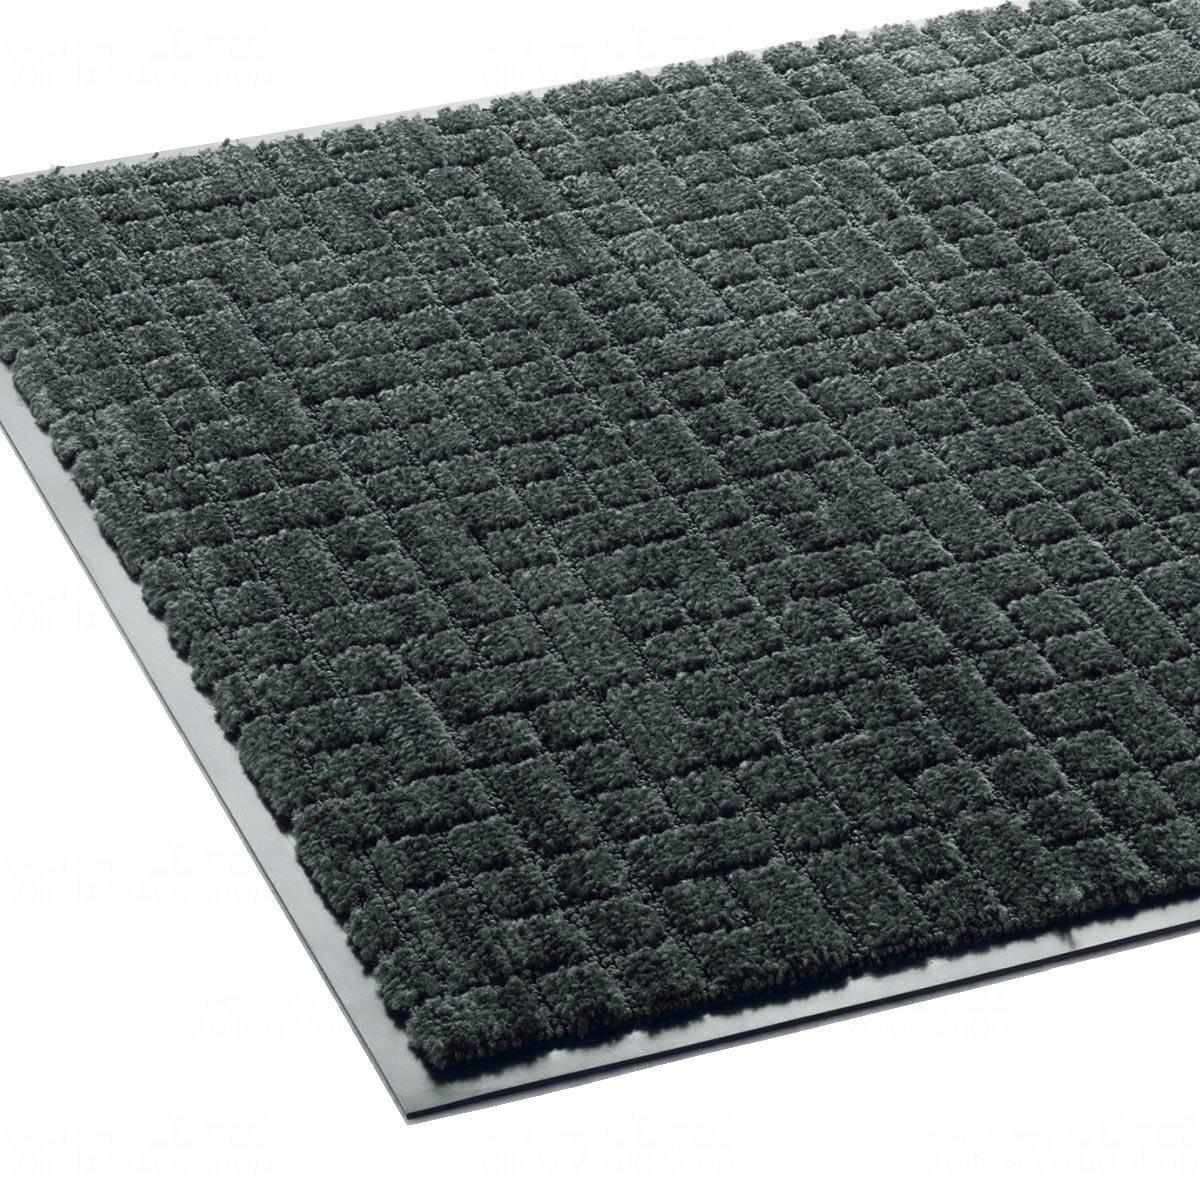 [送料無料][事業者限定] 雨天用マット ネオレイン軽量[カラー:ブラウン・グレー][150cm巾×1mに付]《テラモト正規代理店》●価格は1mです。●受注生産